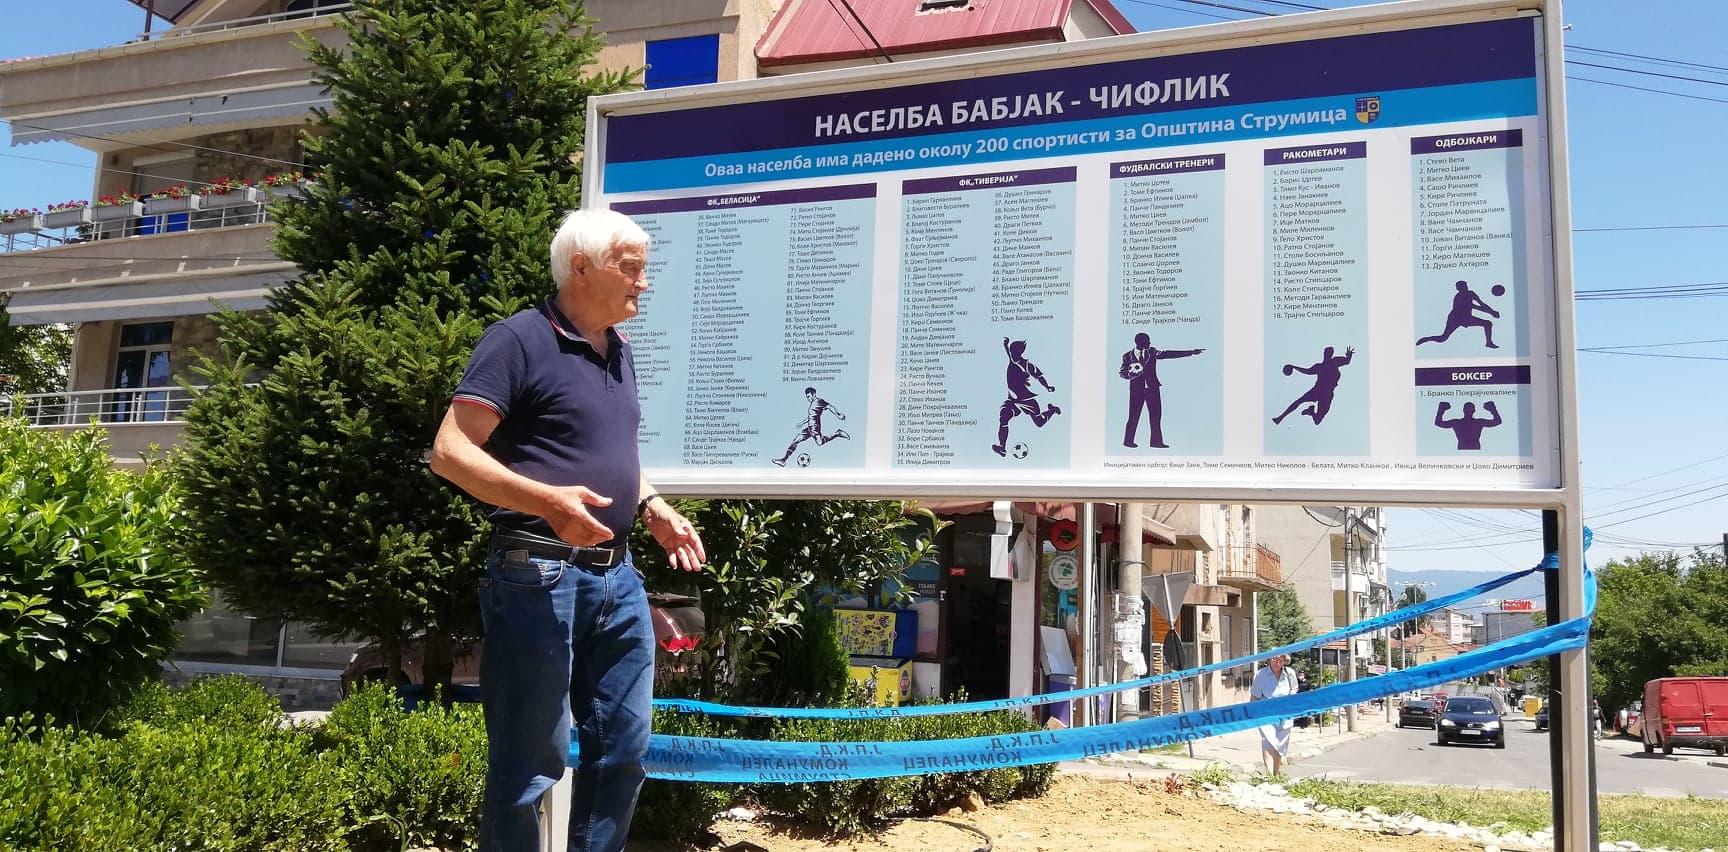 Подигната табла со имиња на сите 200 спортисти кои ги дала населбата Бабјак-Чифлик од Струмица (фото)